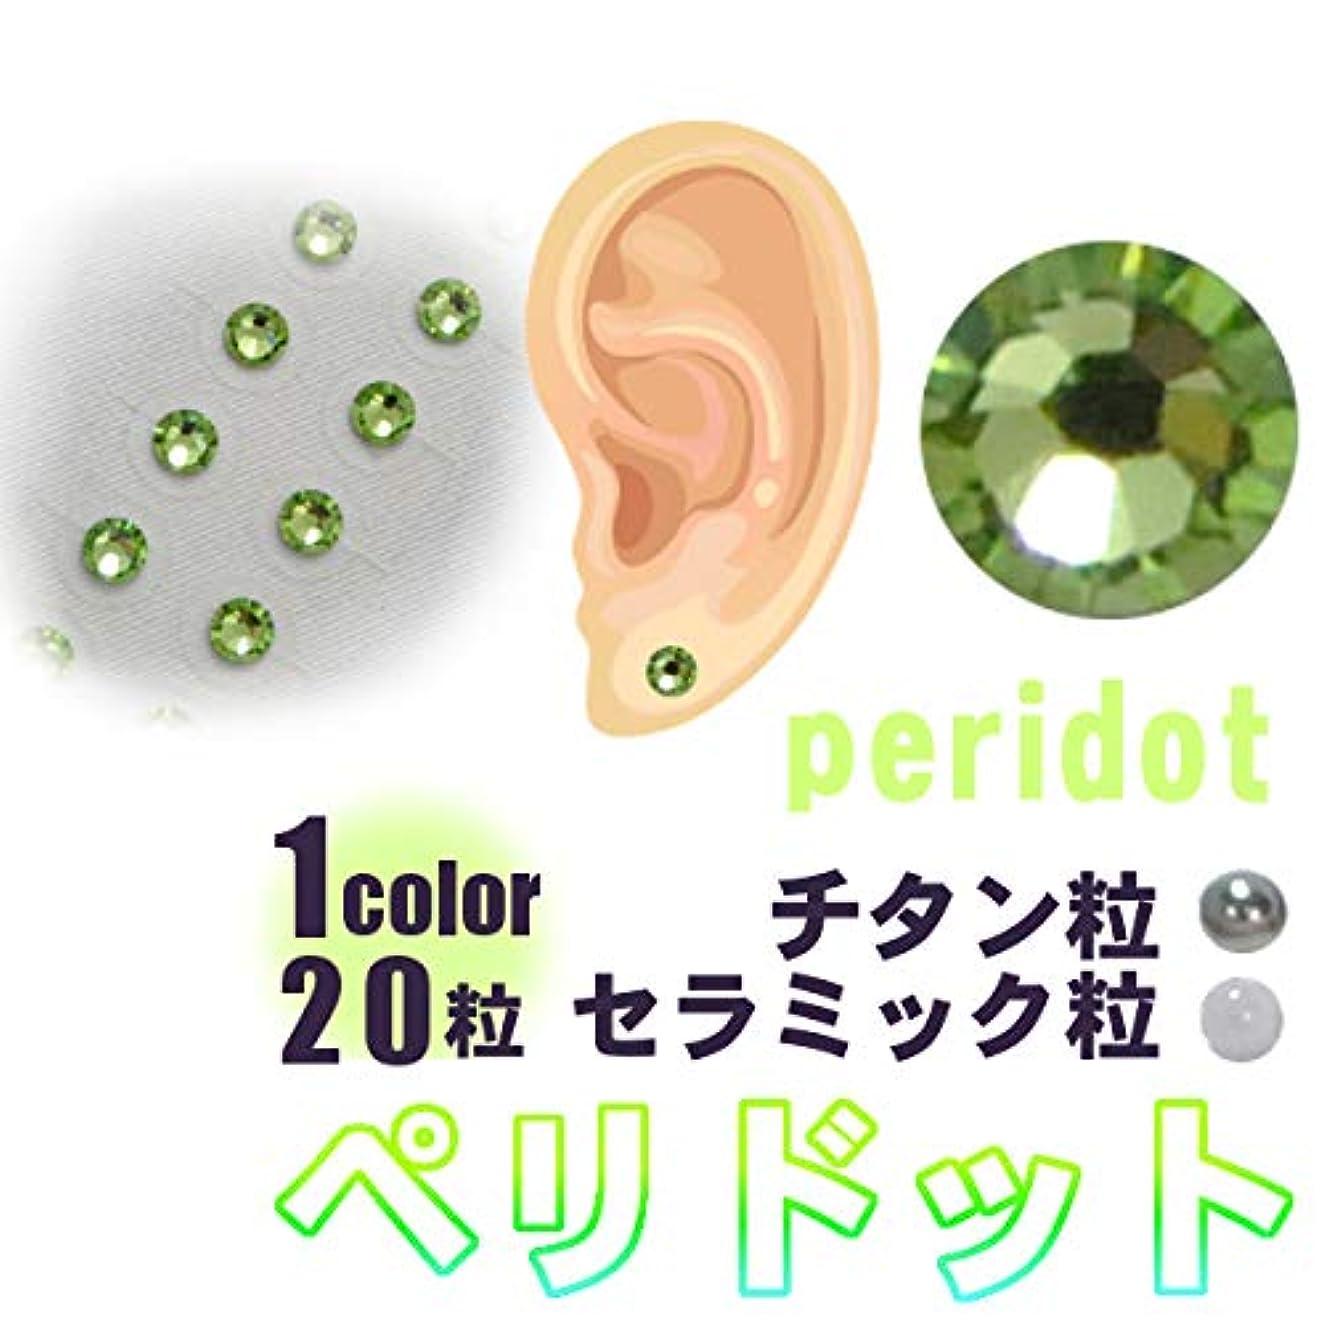 ハーブ軽蔑するシンポジウムアレルギーフリー耳つぼジュエリー(1シート20粒)ペリドットー全3サイズー粘着強化耳ツボシール(S ss7 約2mm) 【初心者用耳つぼマップ付】